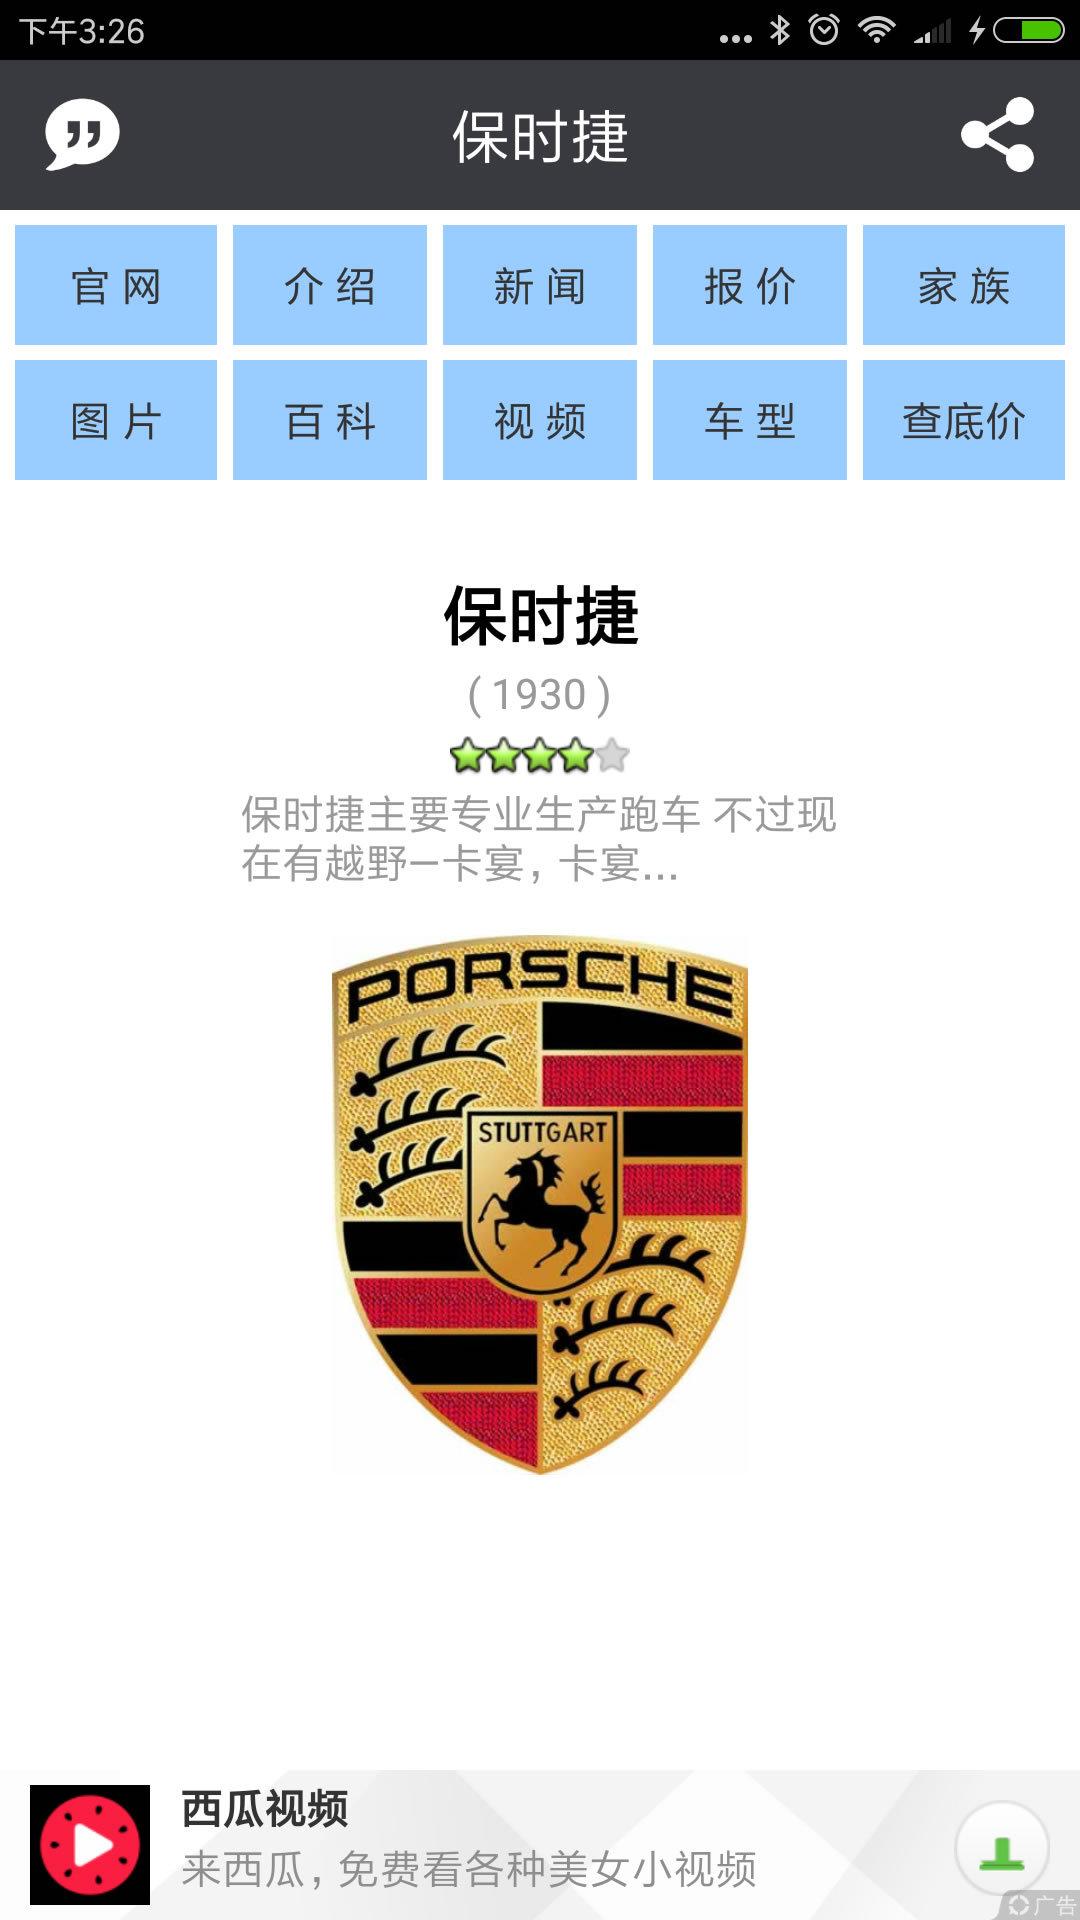 汽车品牌世界-汽车标志大全软件截图2